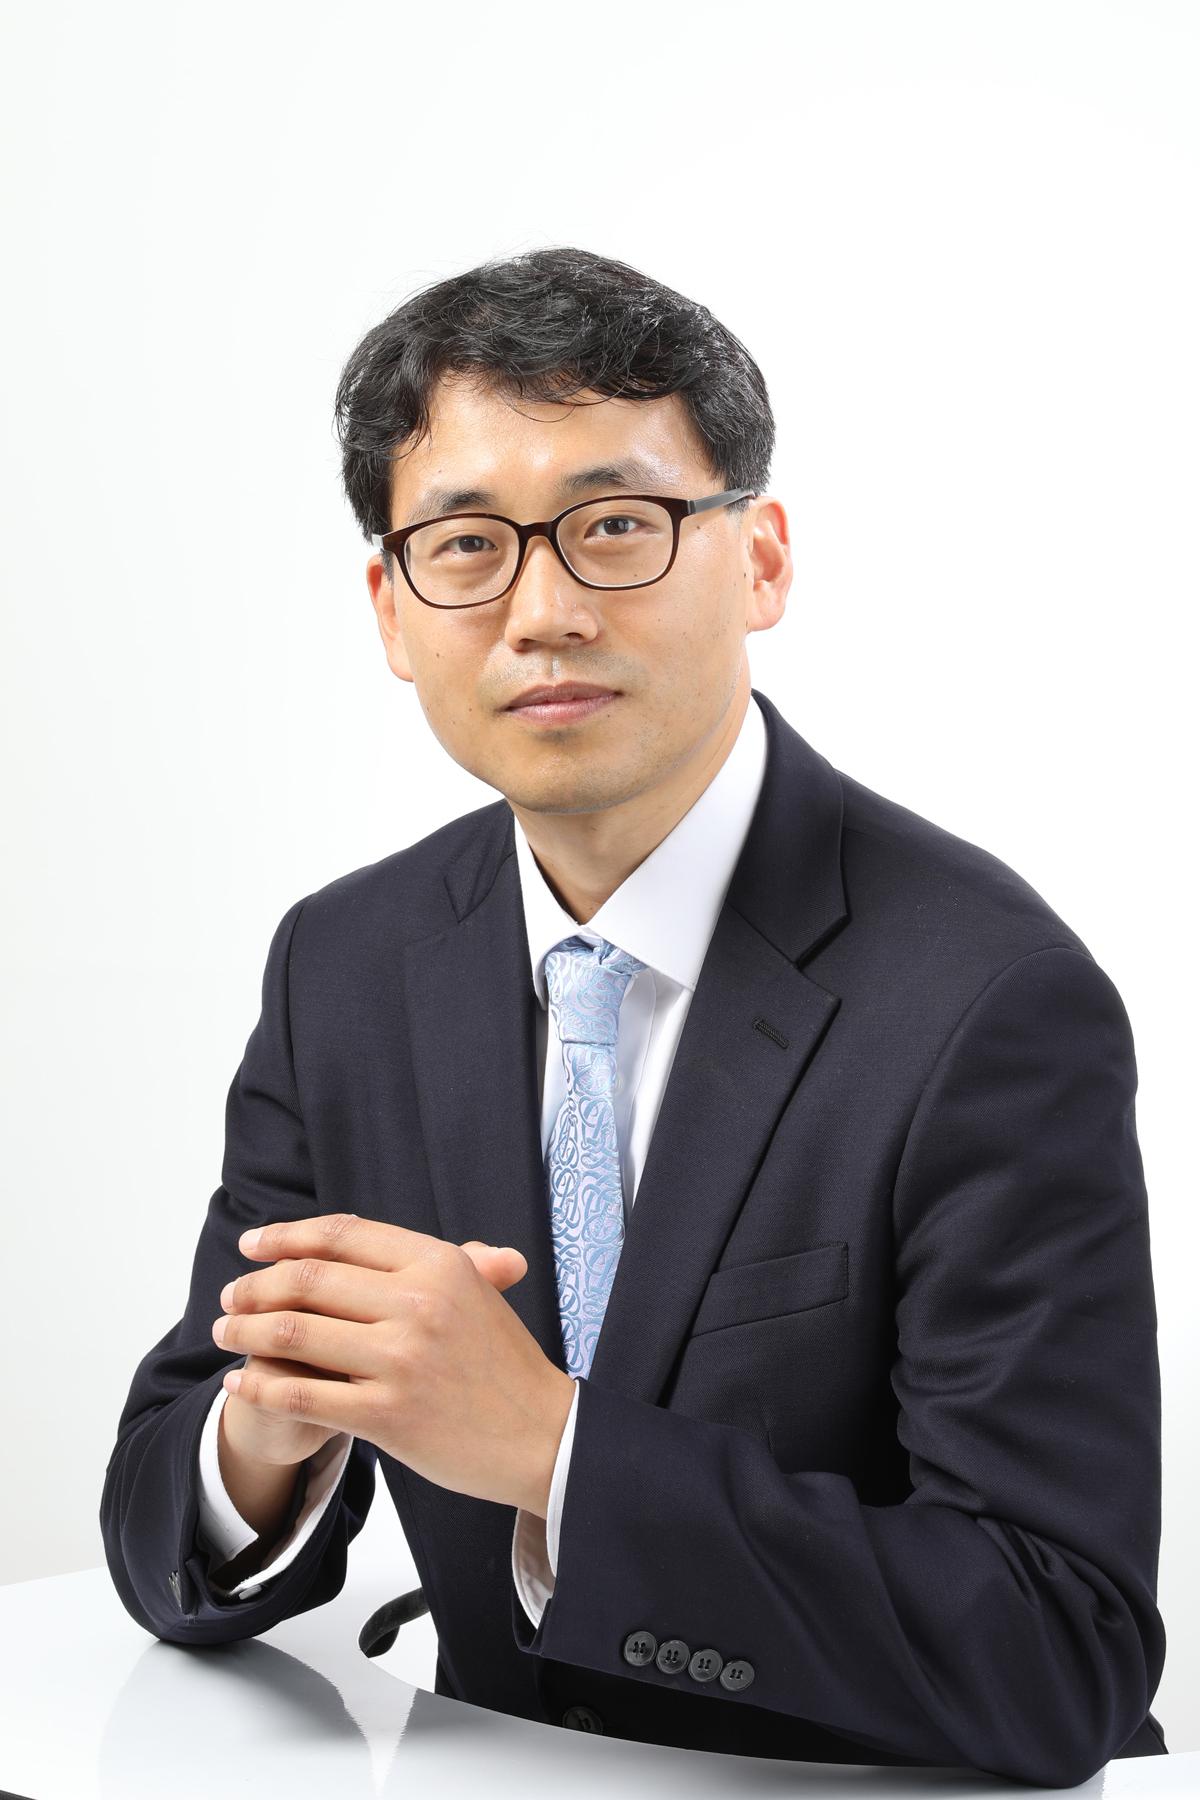 김성민 님의 프로필